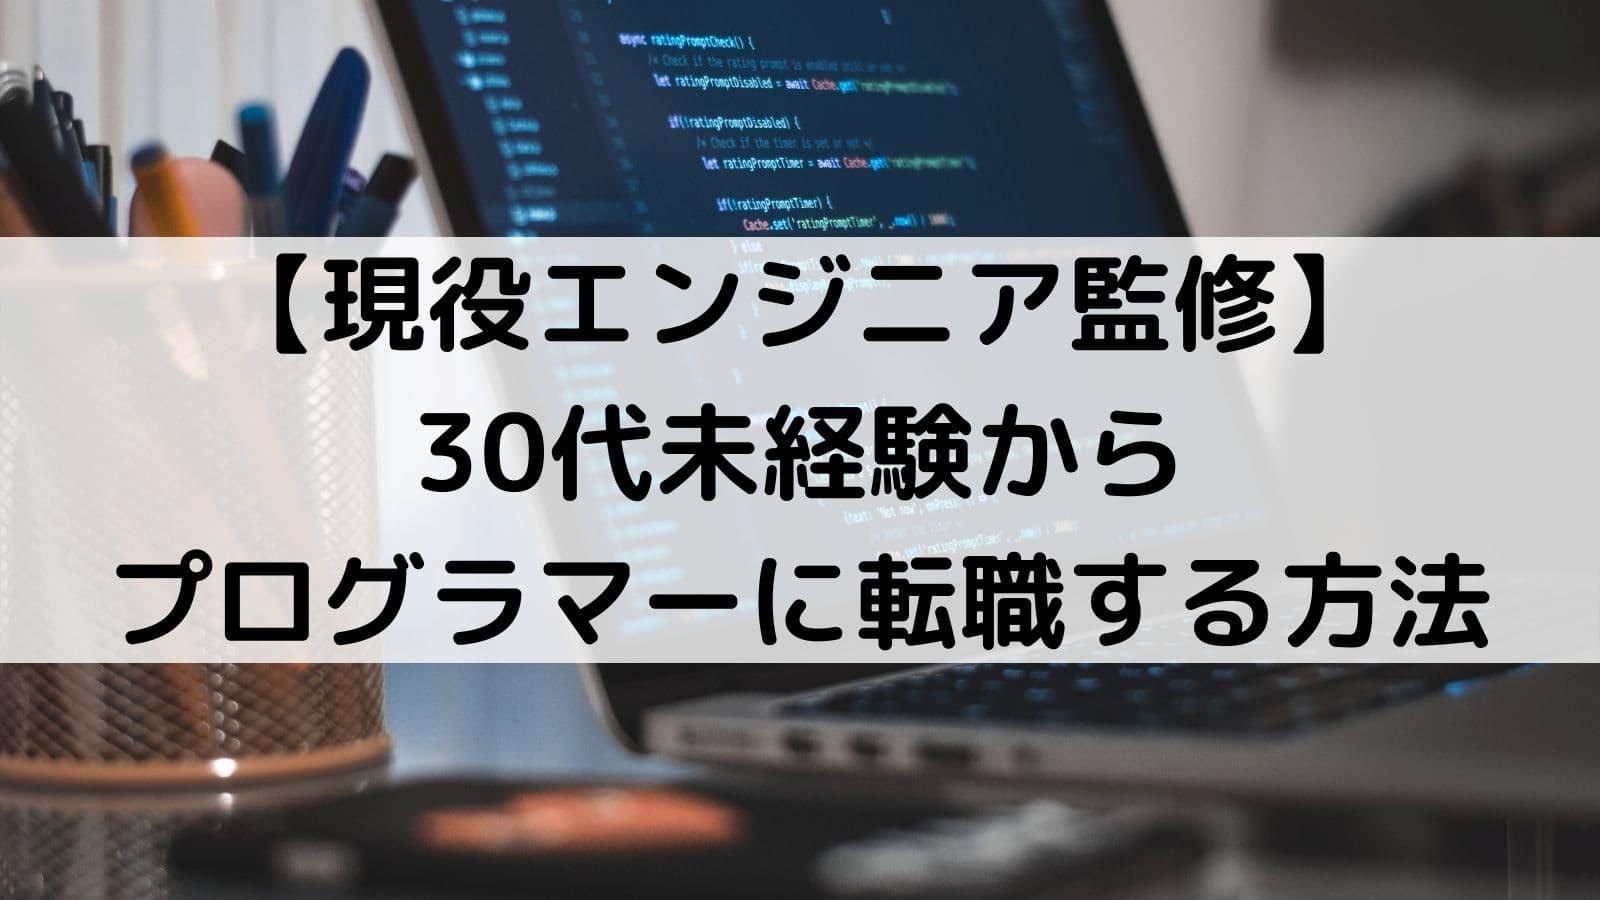 【現役エンジニア監修】30代未経験からプログラマーに転職する方法